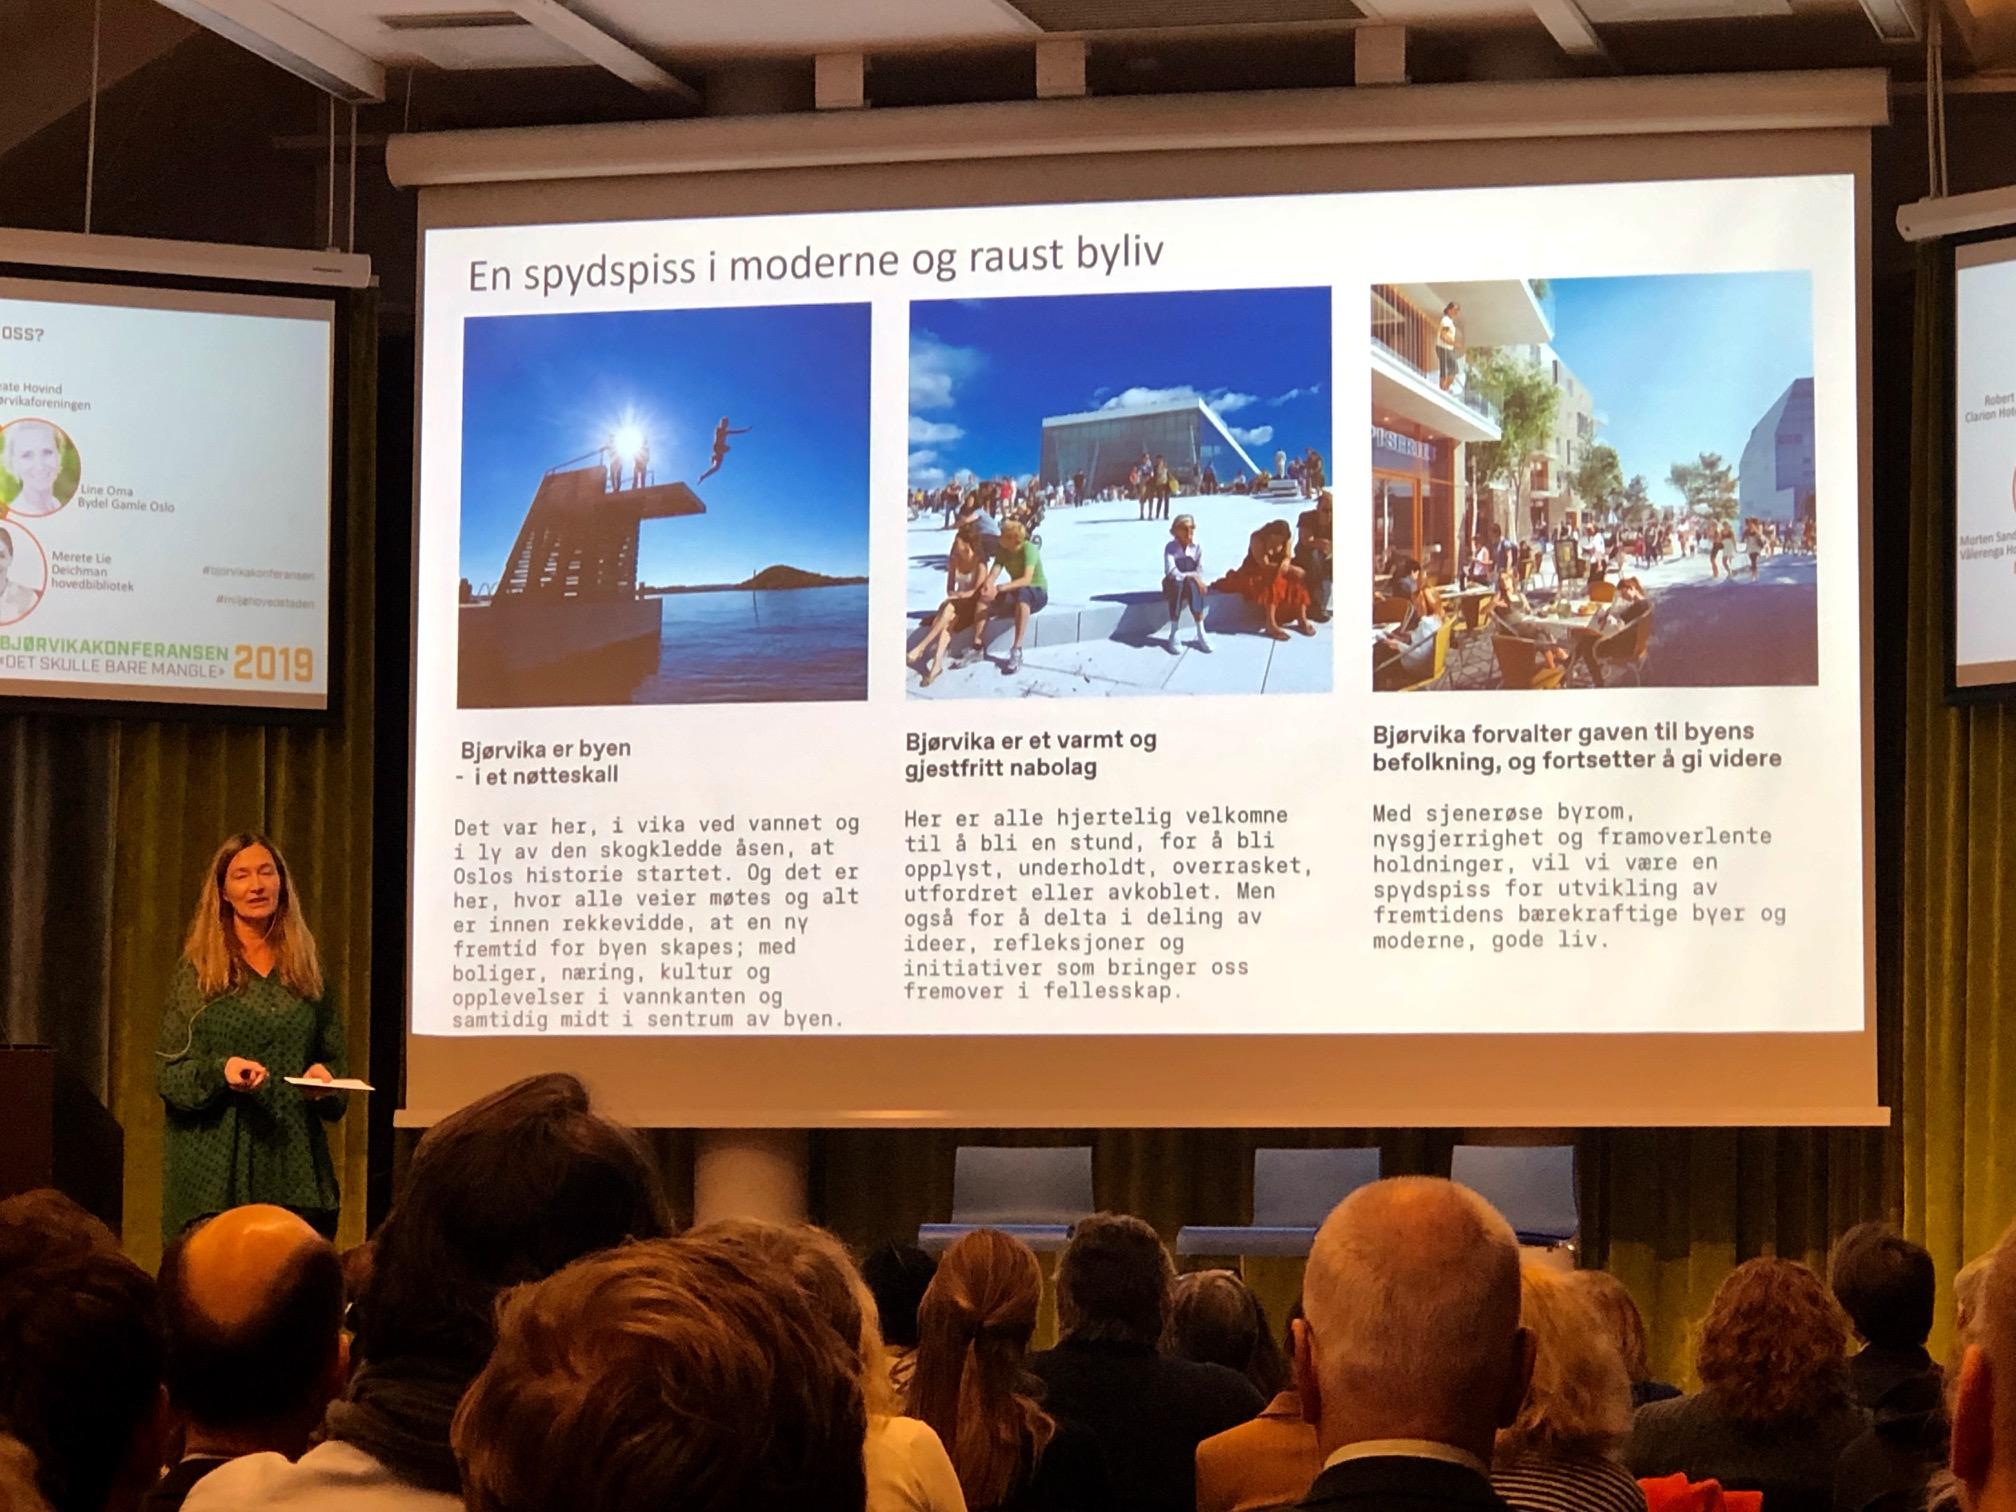 Anne Beate Hovind, daglig leder i Bjørvikaforeningen og en av de virkelig store ildsjelene bak utviklingen av Bjørvika, fortalte om hele verdigrunnlaget og løftet Bjørvika skal gi byen.